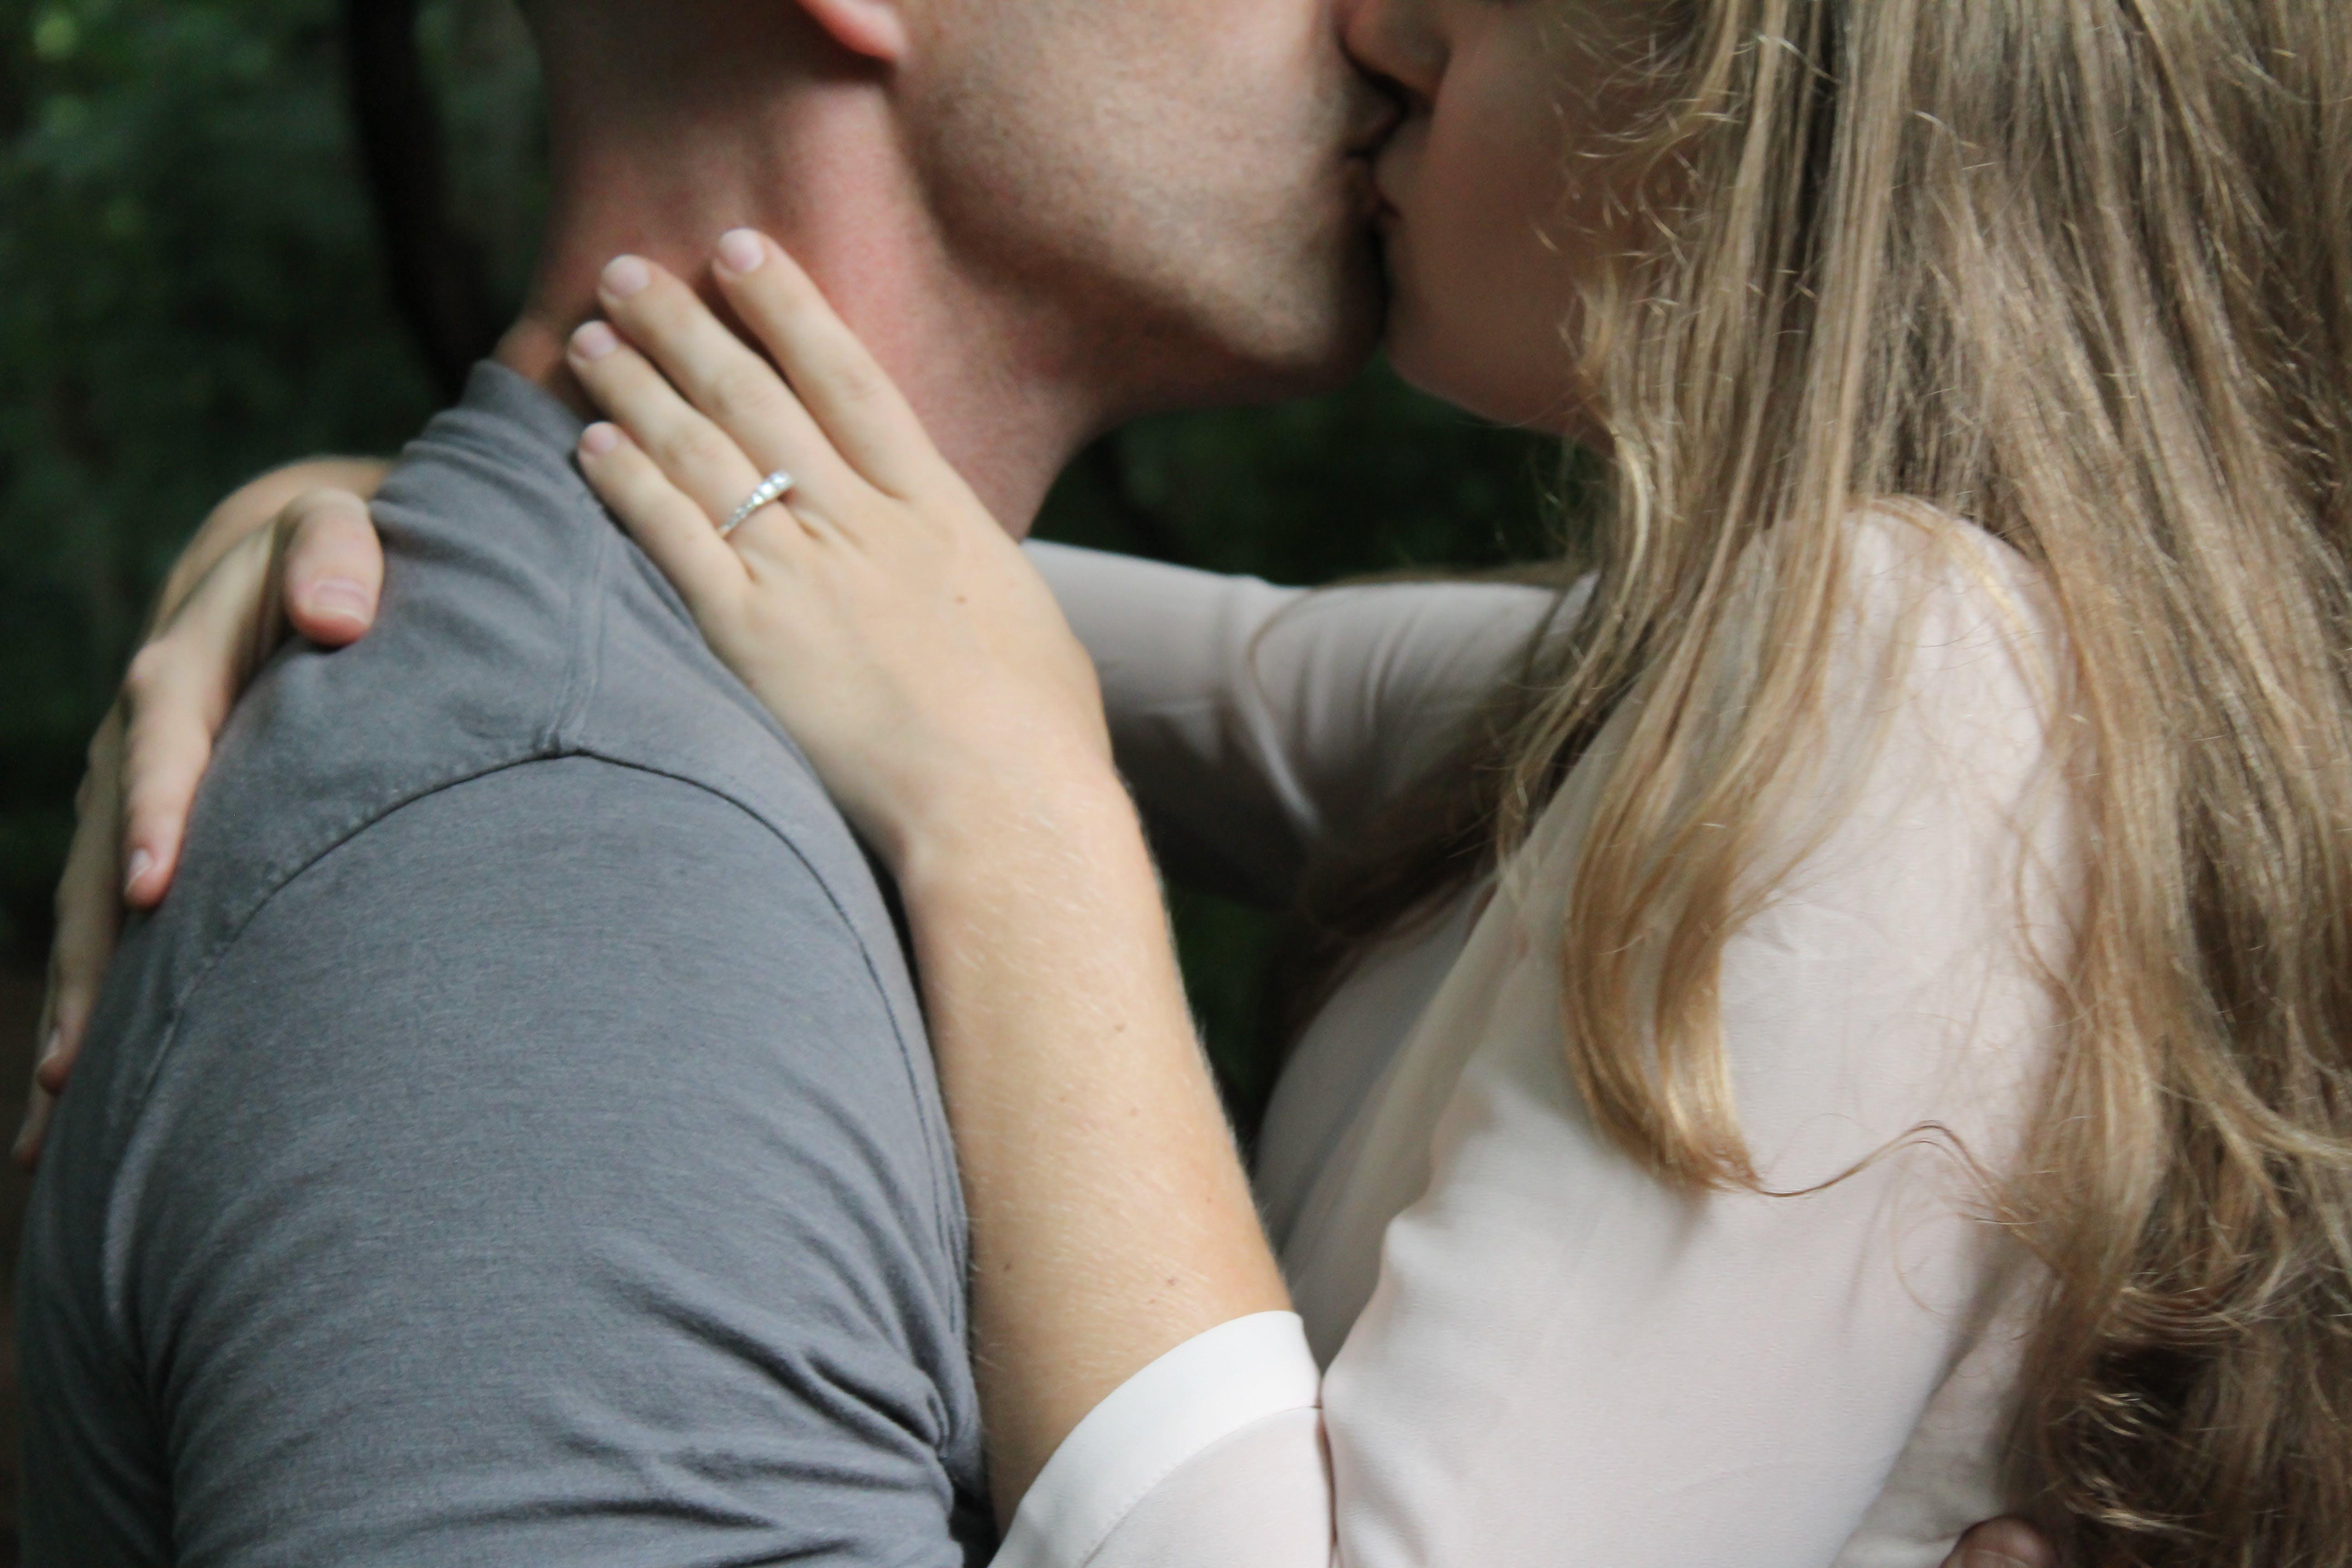 Durante el enamoramiento es más factible caer en el autoengaño